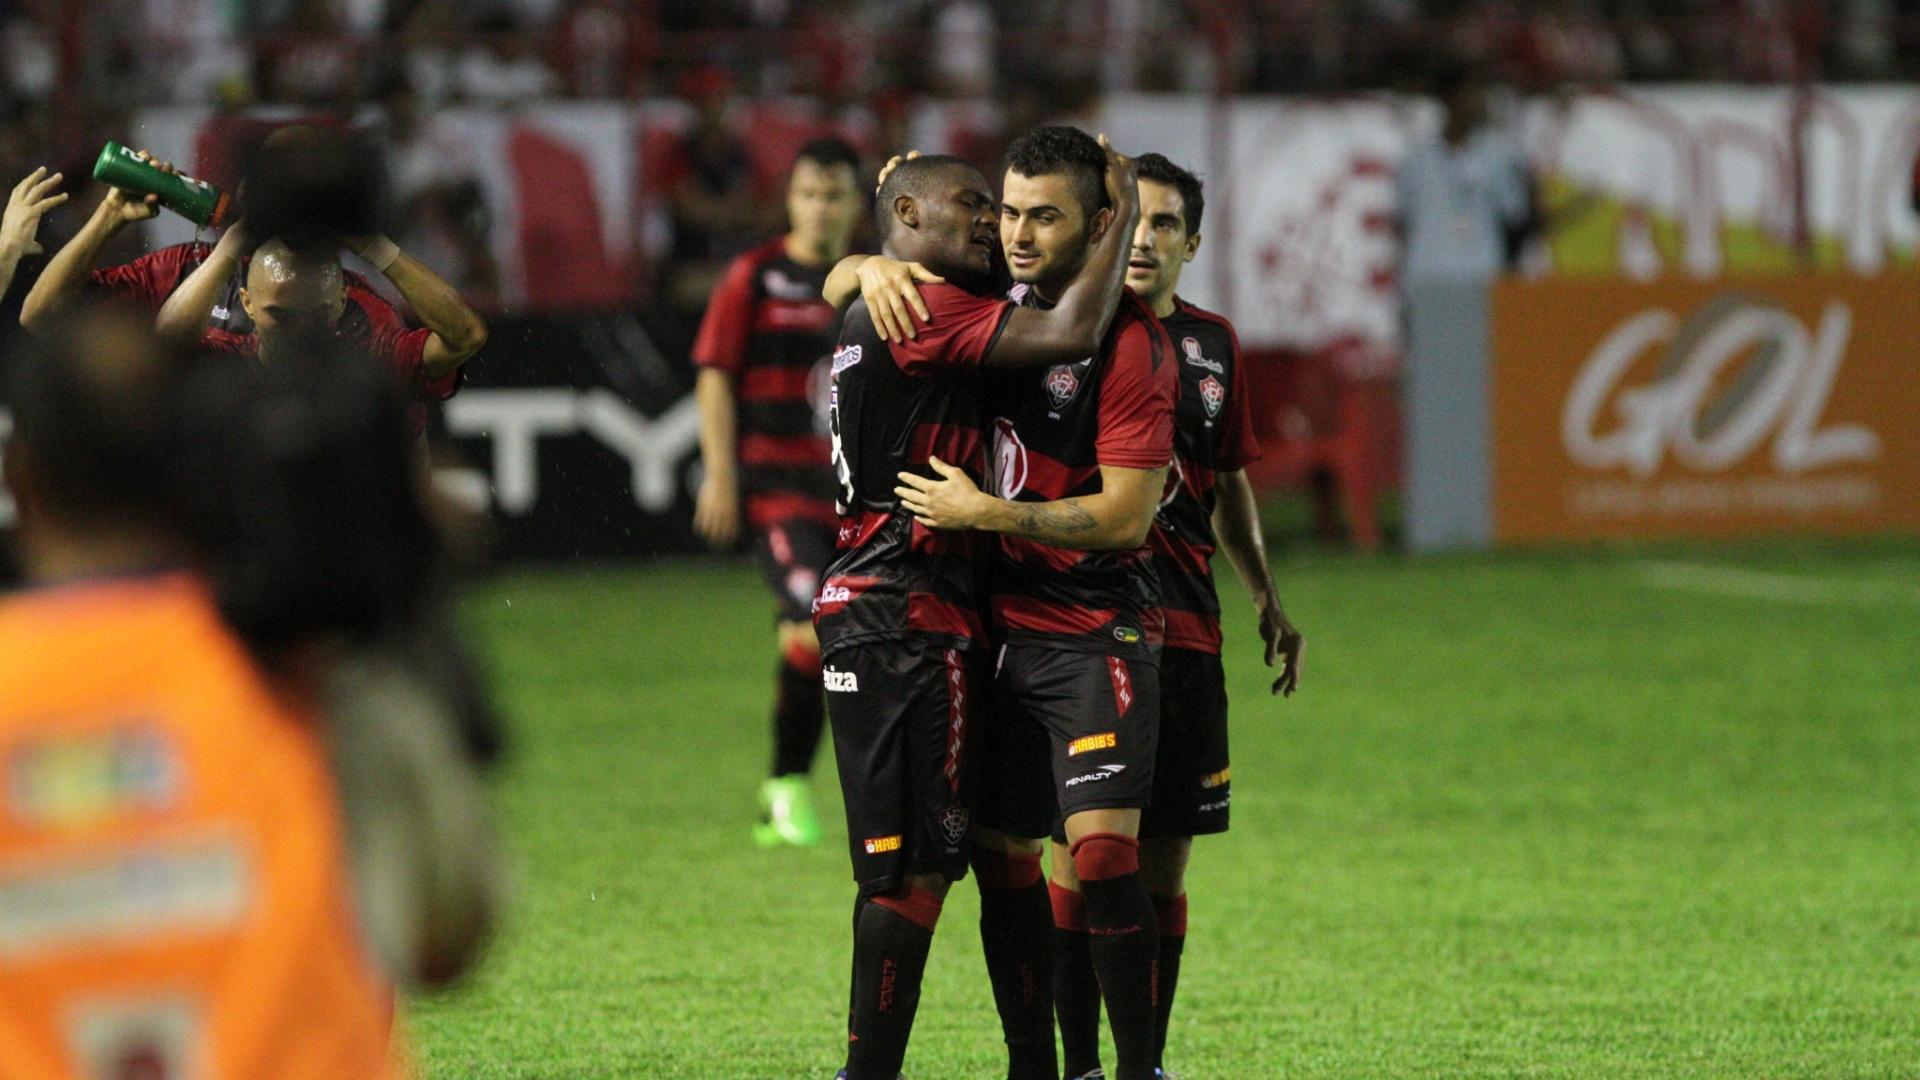 29.mai.2013 - Jogadores do Vitória comemoram gol de Edson Magal no triunfo por 3 a 0 sobre o Náutico, nos Aflitos, pela segunda rodada do Brasileirão